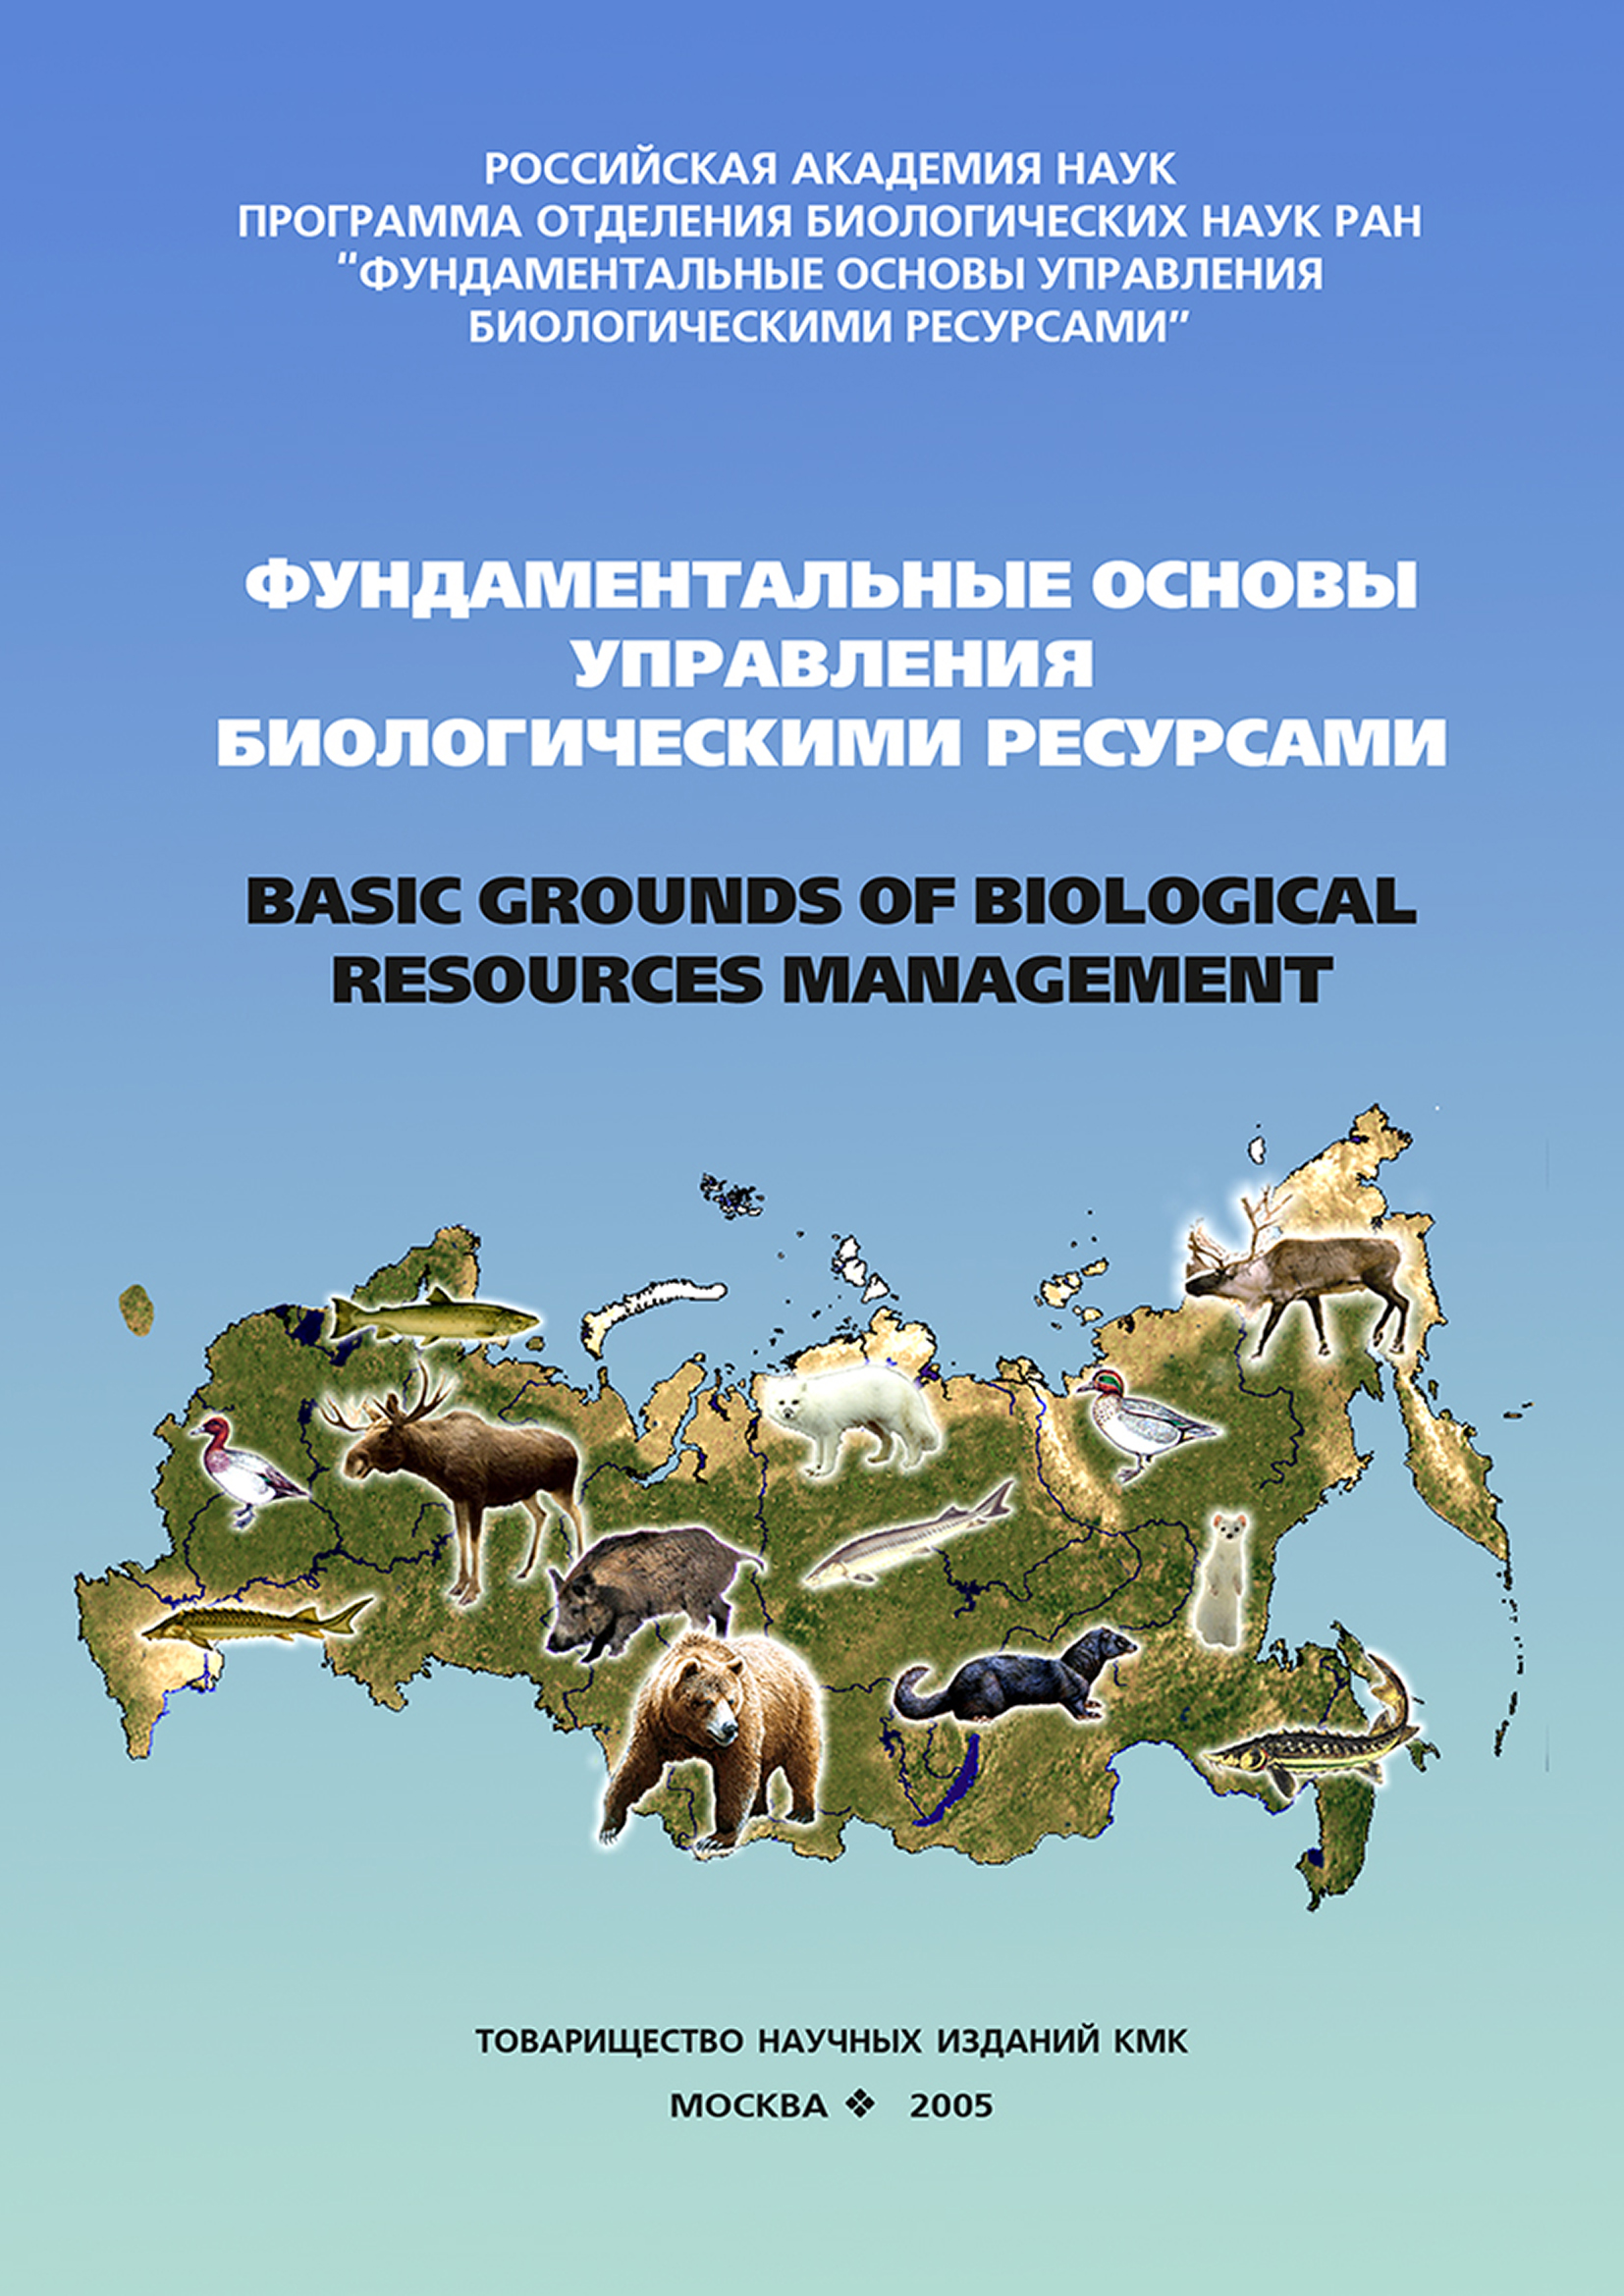 Сборник статей Фундаментальные основы управления биологическими ресурсами